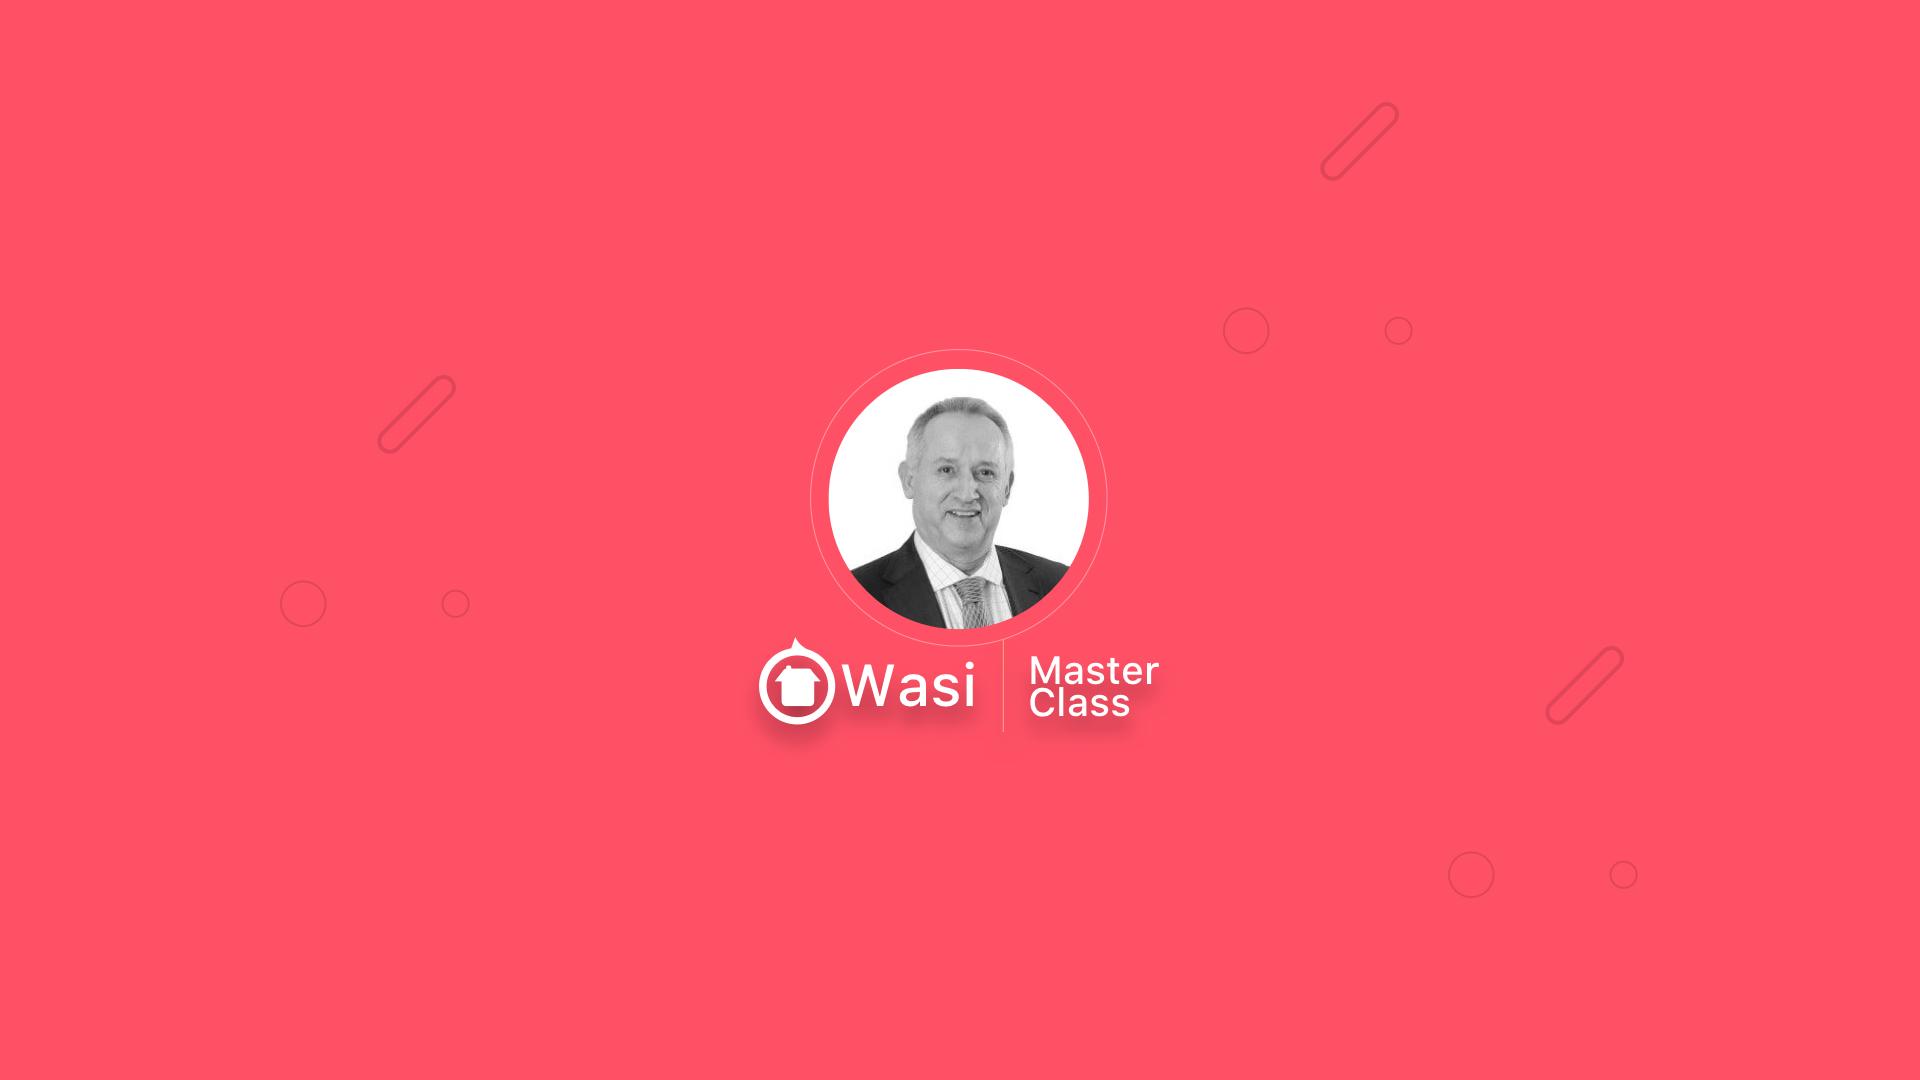 Wasi Master Class: Cómo crear tu branding personal como asesor inmobiliario